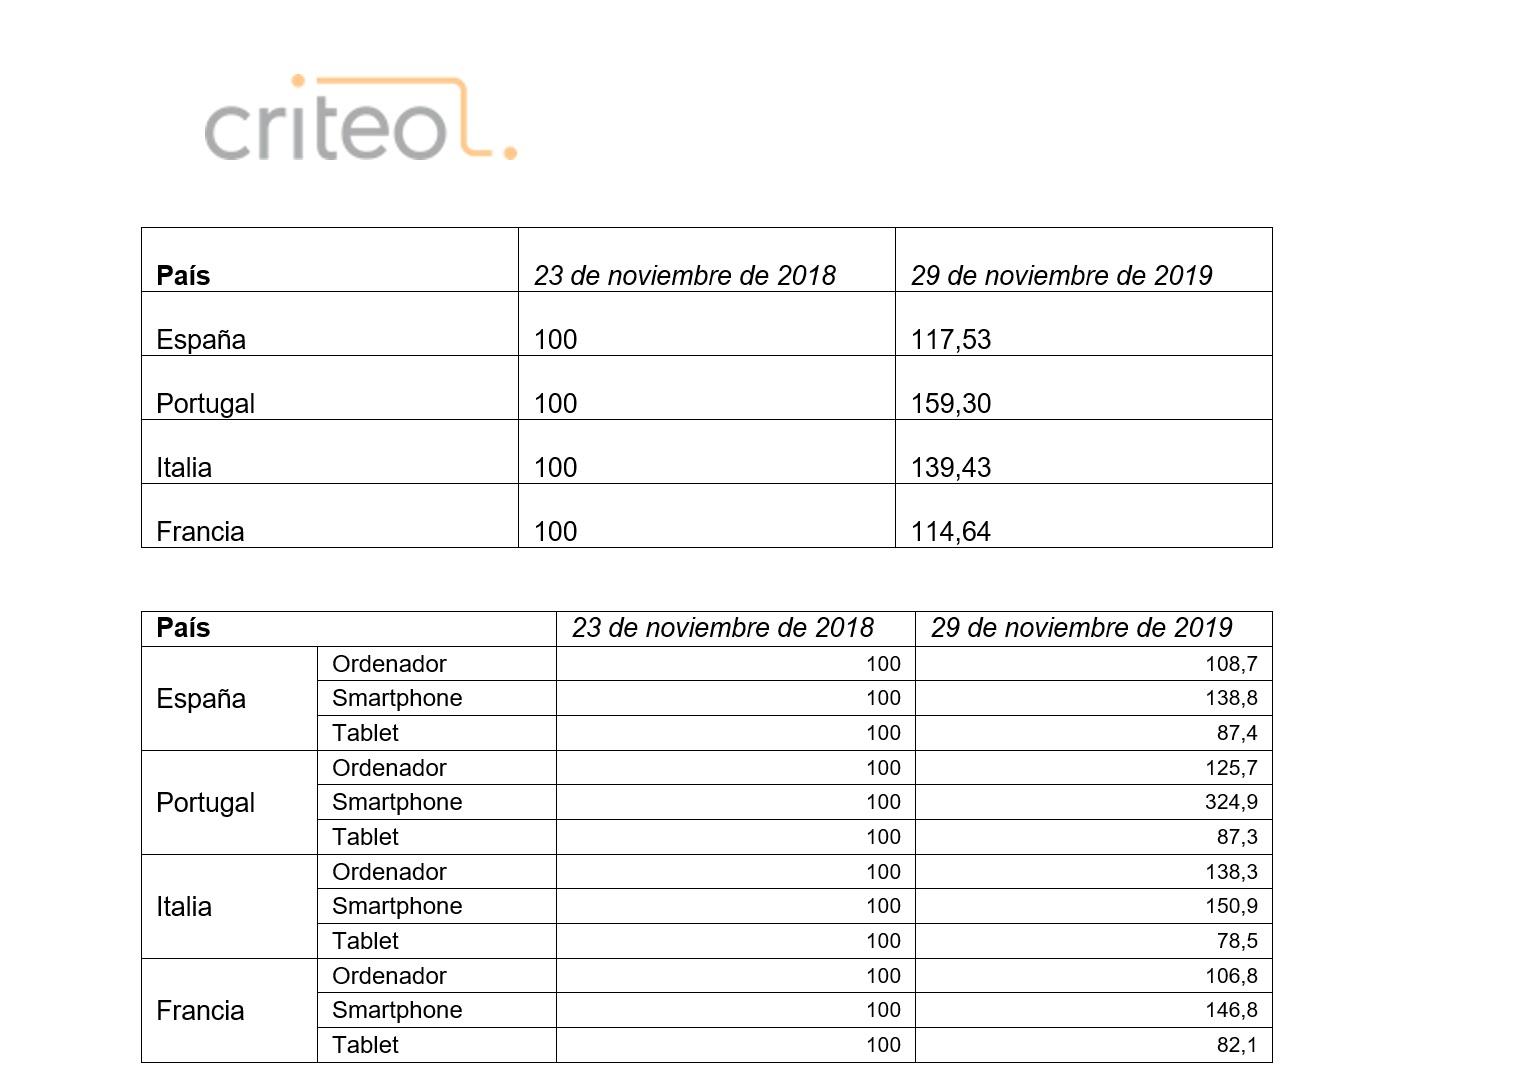 https://www.programapublicidad.com/wp-content/uploads/2019/12/criteo-Resultados-Black-Friday-España-sur-de-Europa-programapublicidad.jpg